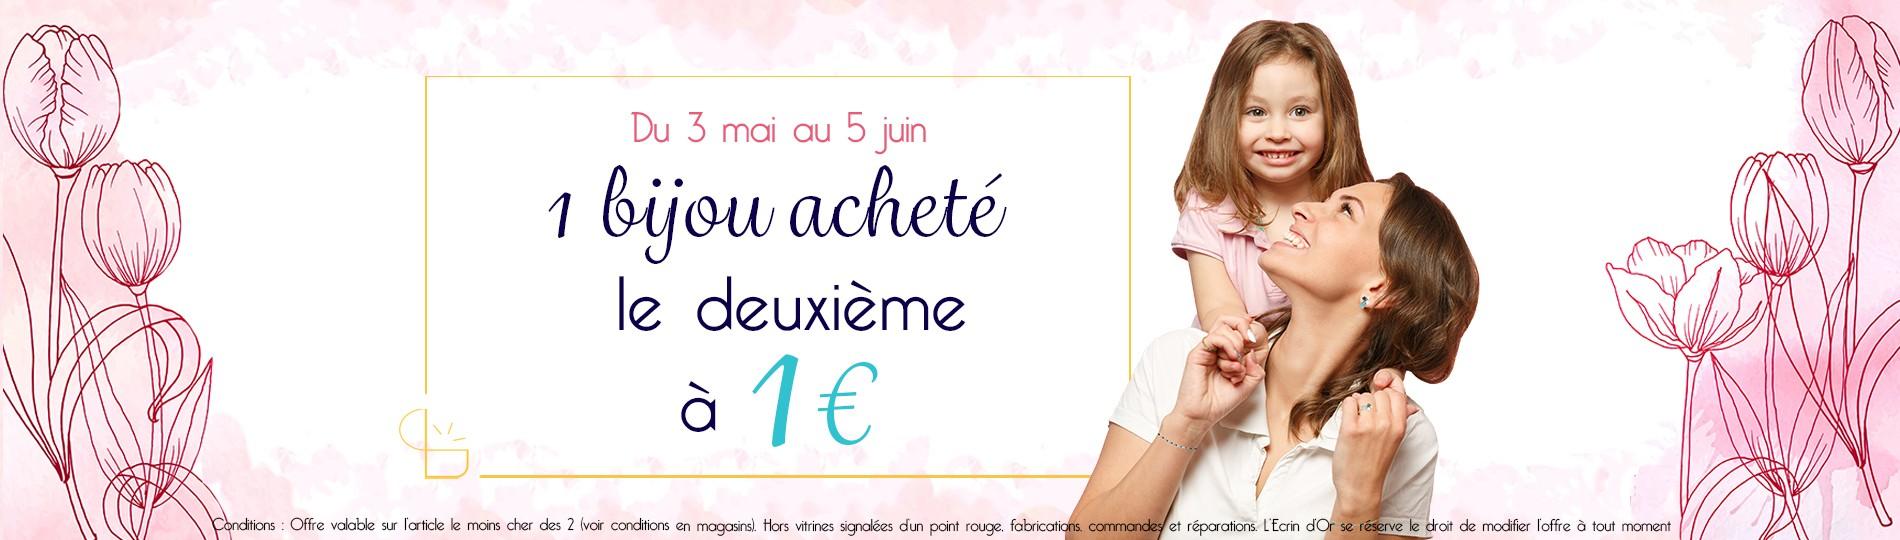 Offre fête des mères : 1 bijou acheté, le deuxième à 1€ !